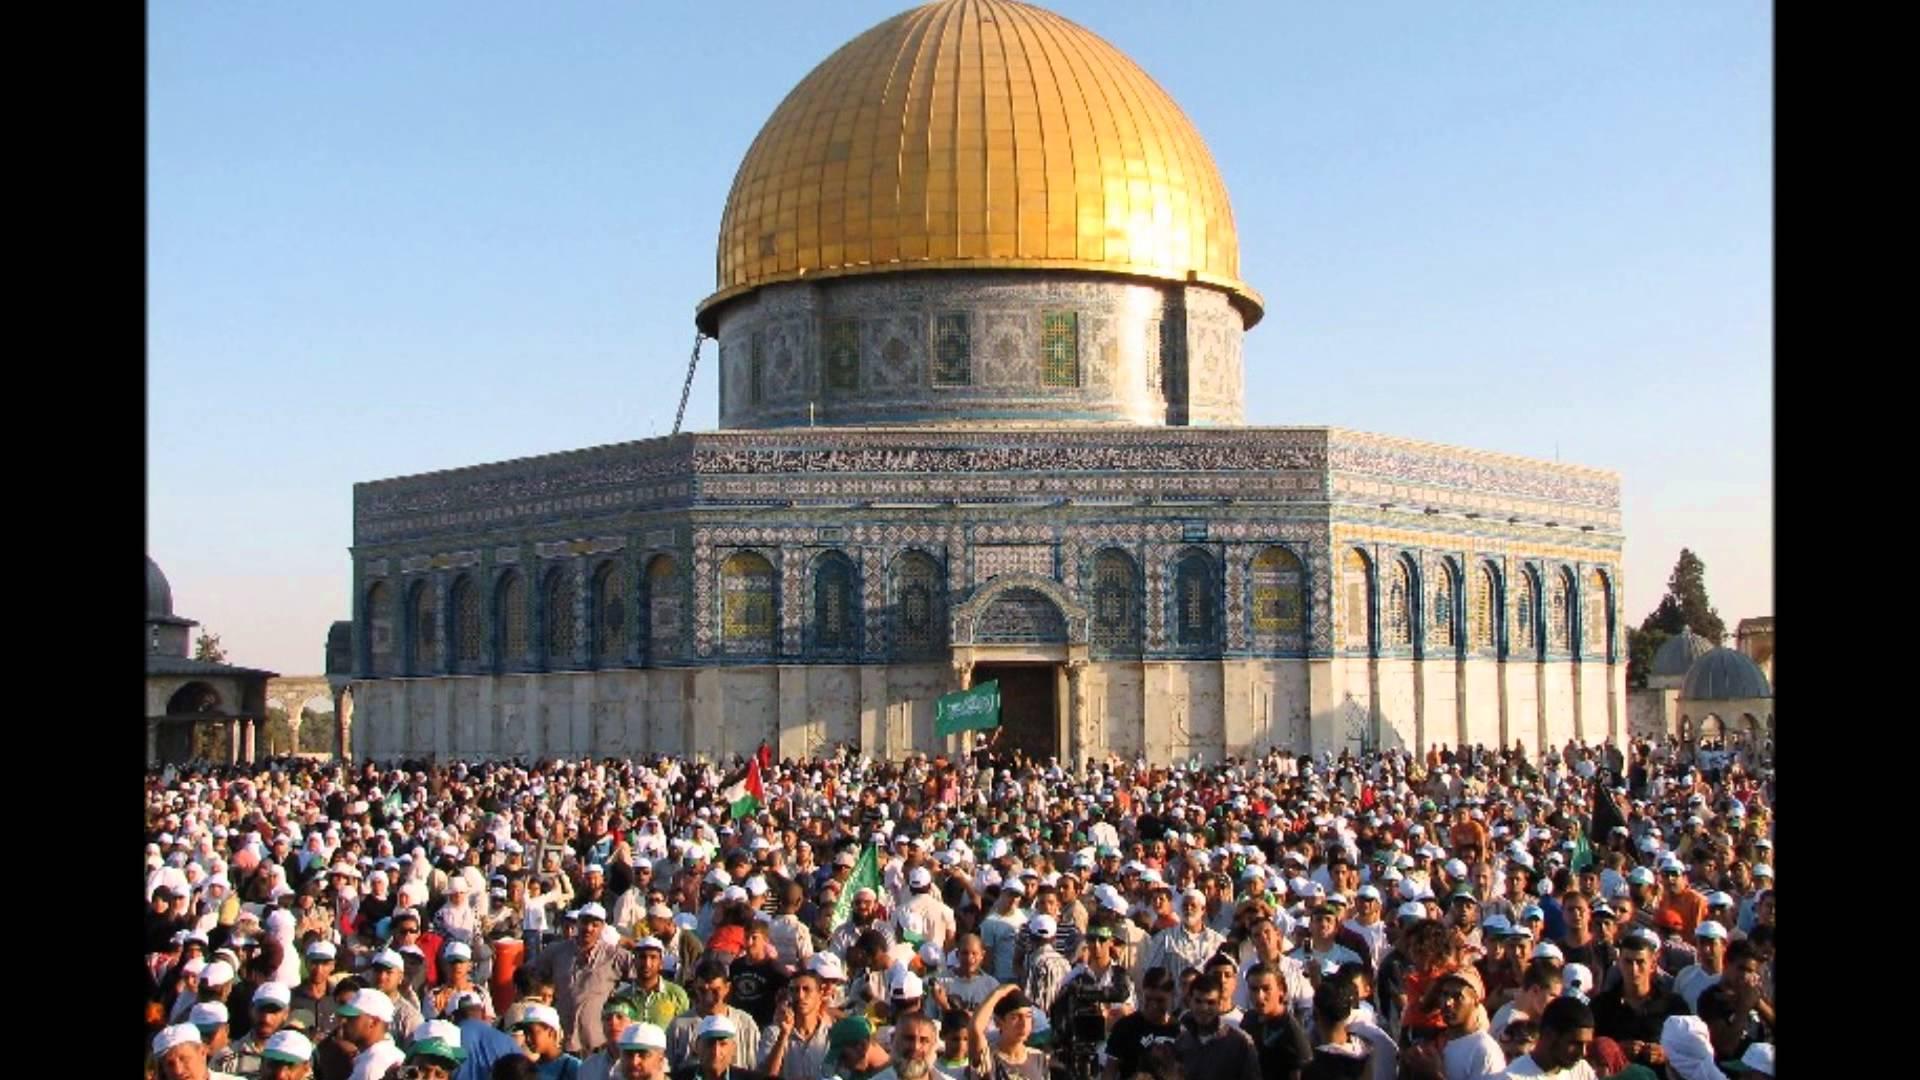 بالصور اجمل الصور للمسجد الاقصى , اعظم مسجد وضع فى العالم 1789 2